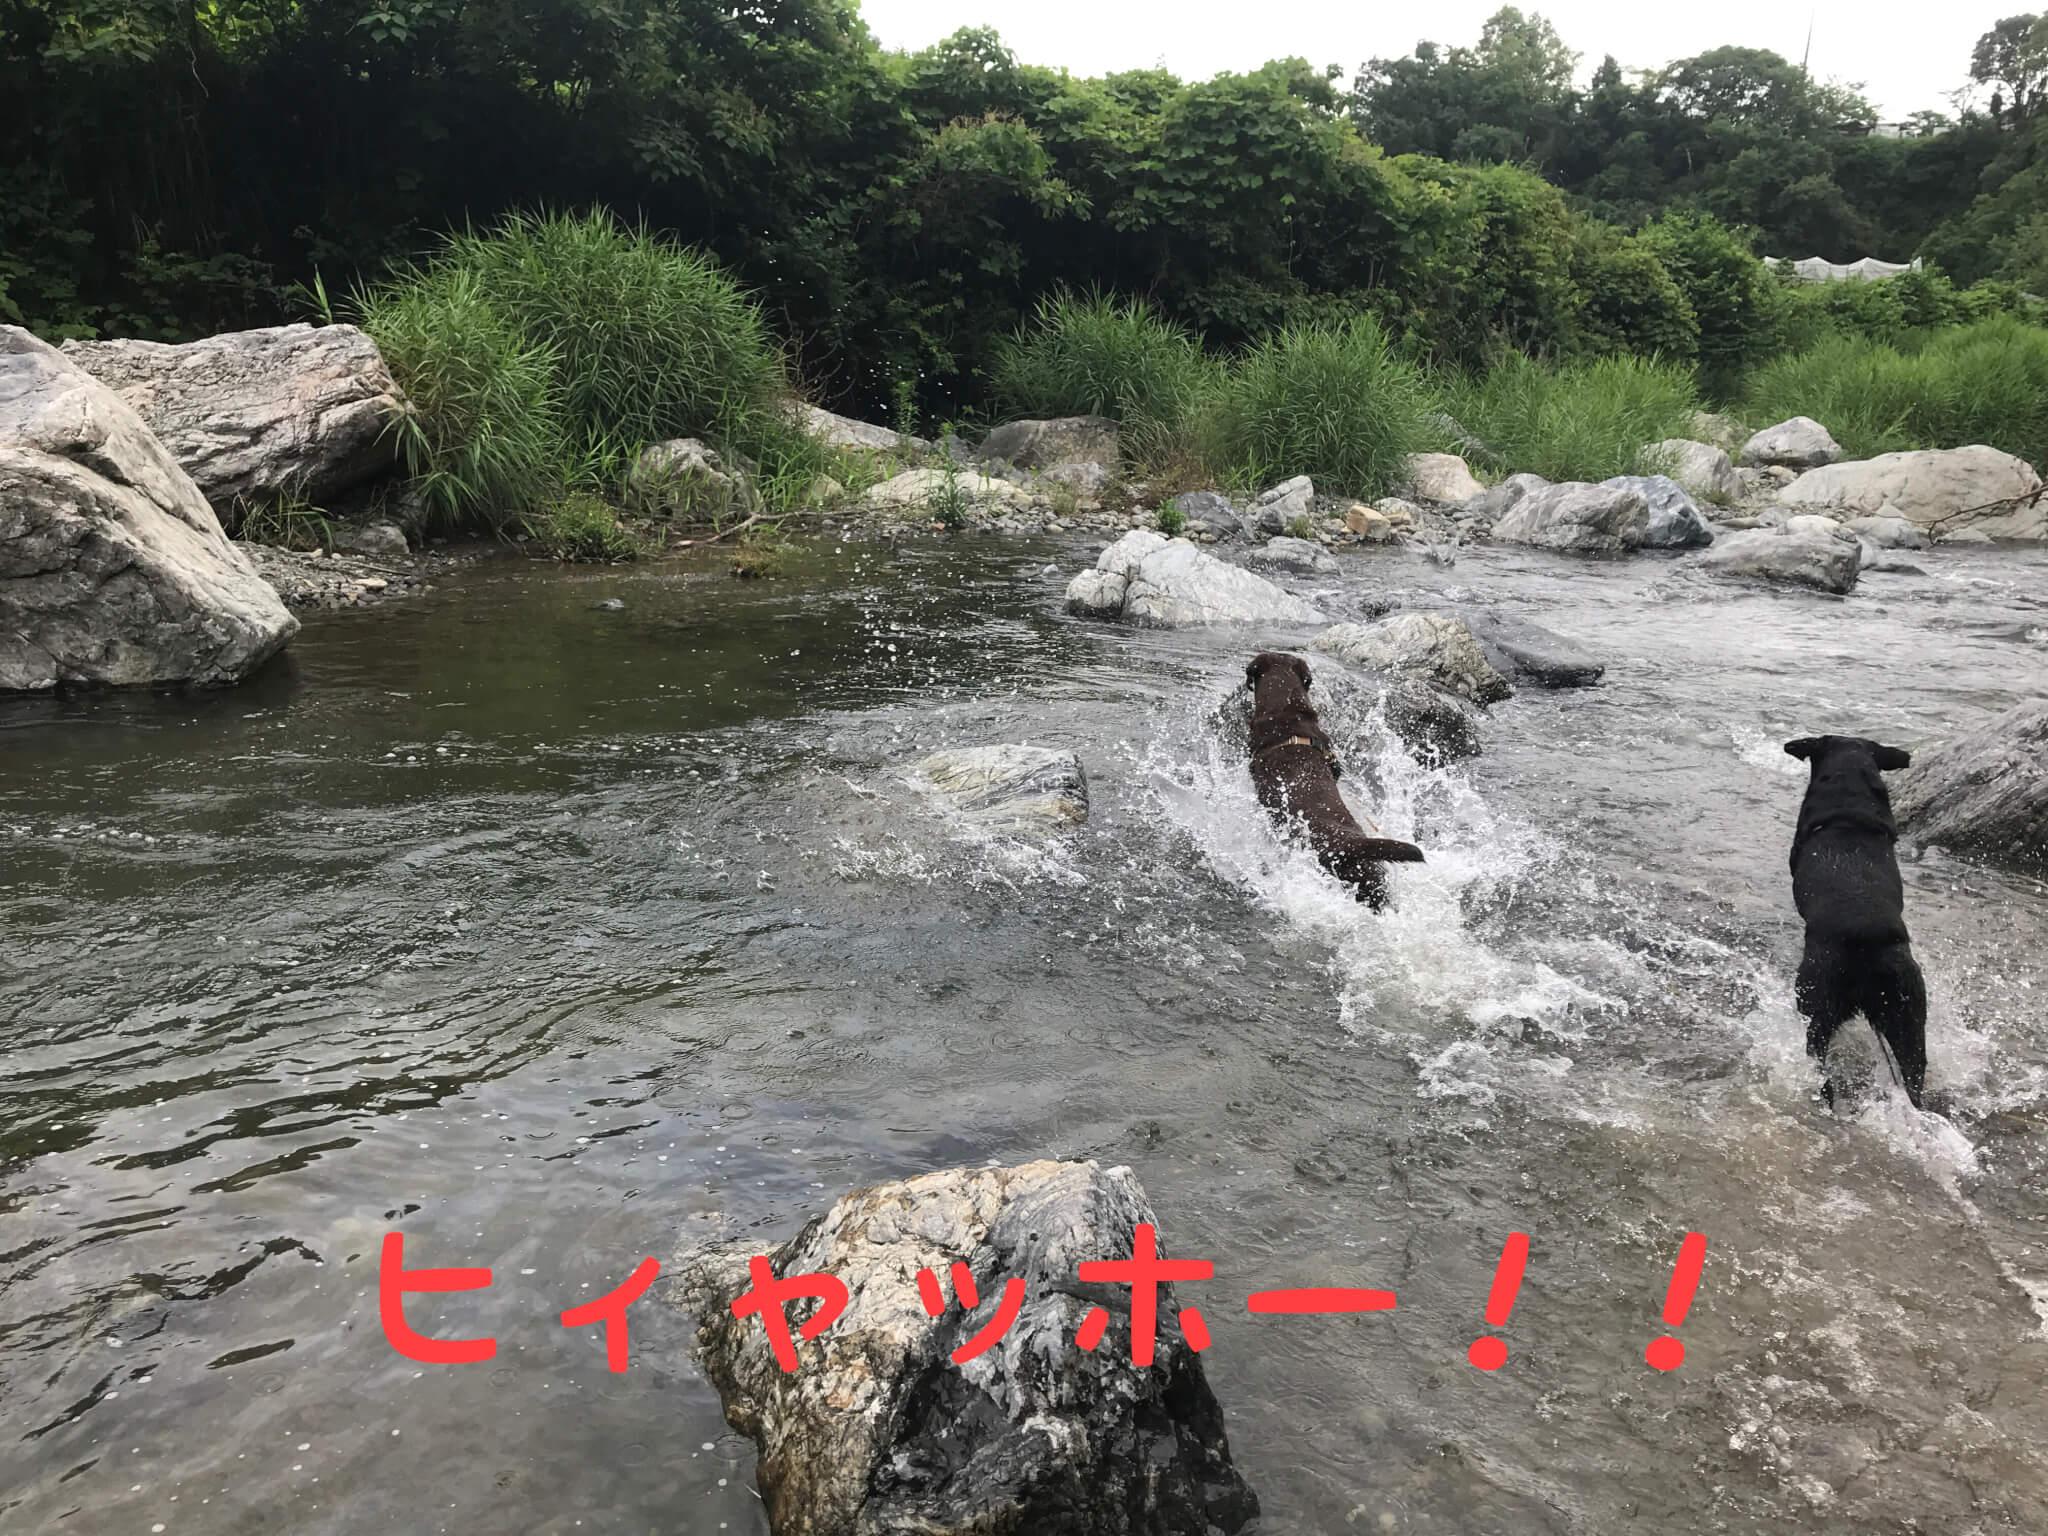 摂津峡公園 川遊び 芥川 ラブラドールレトリバー ヒィャッホー